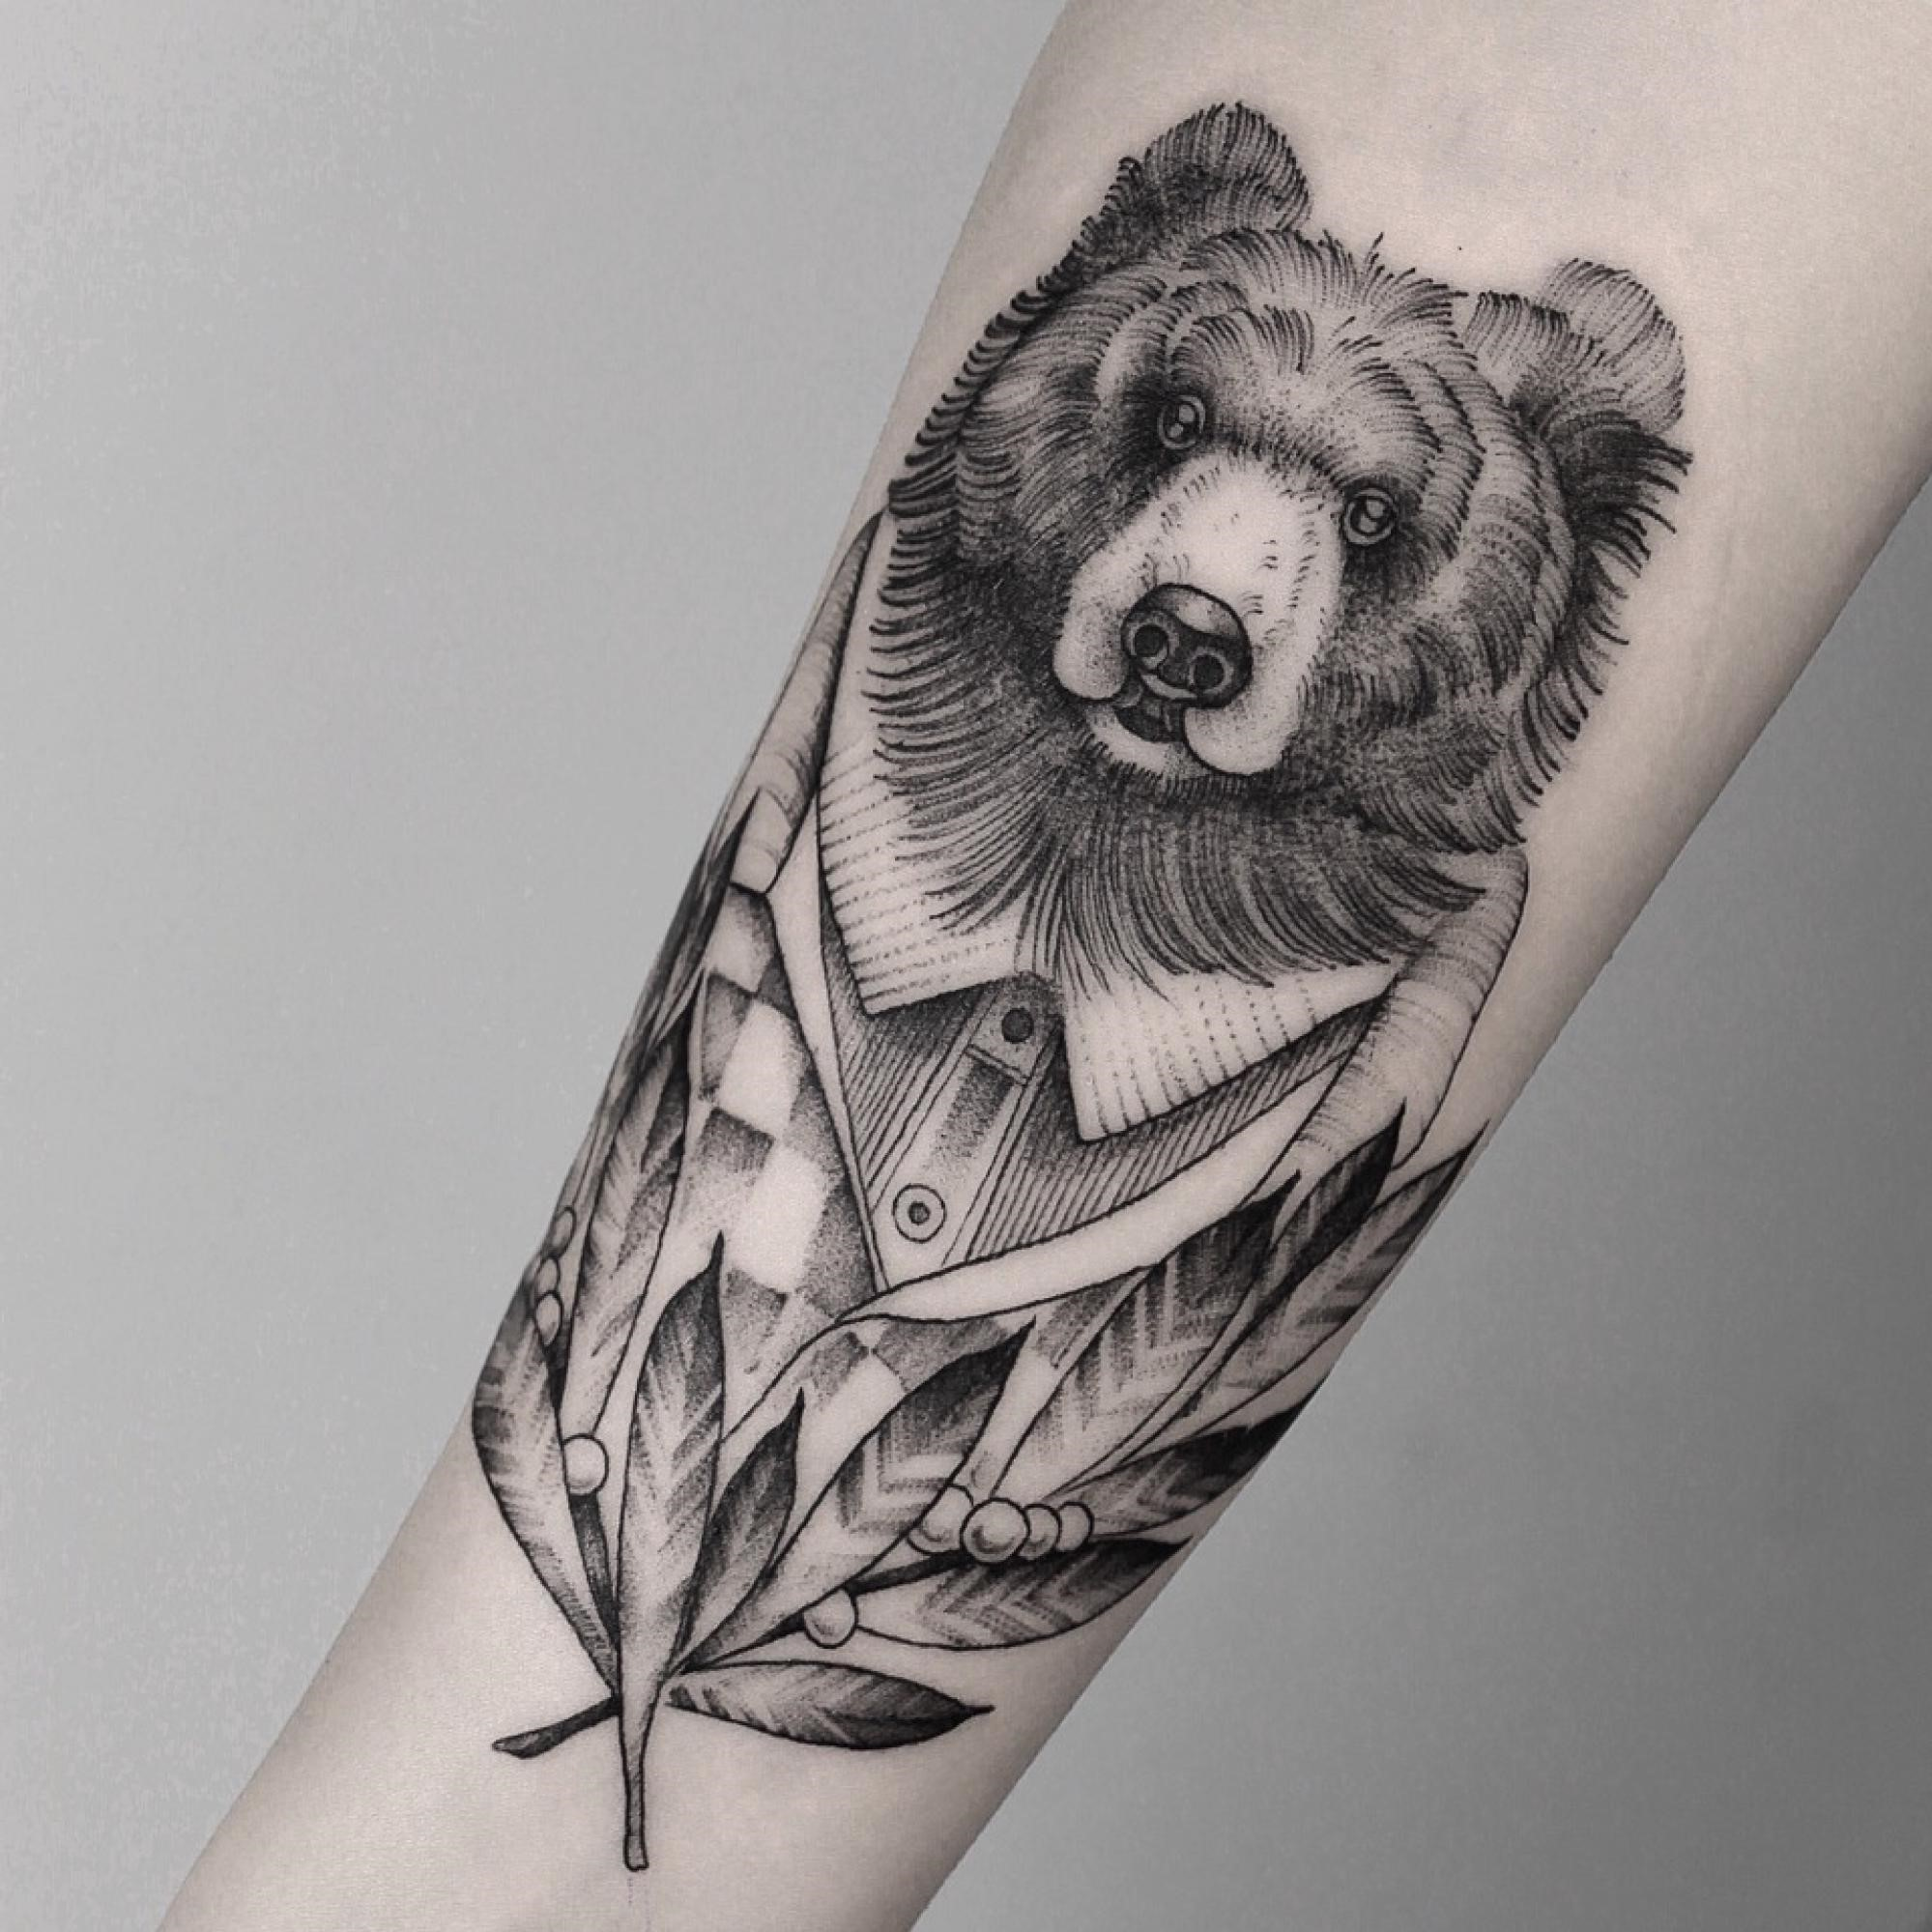 En alchimie, l'ours est également à double sens dans son symbolisme selon qu'il est en hibernation ou actif.